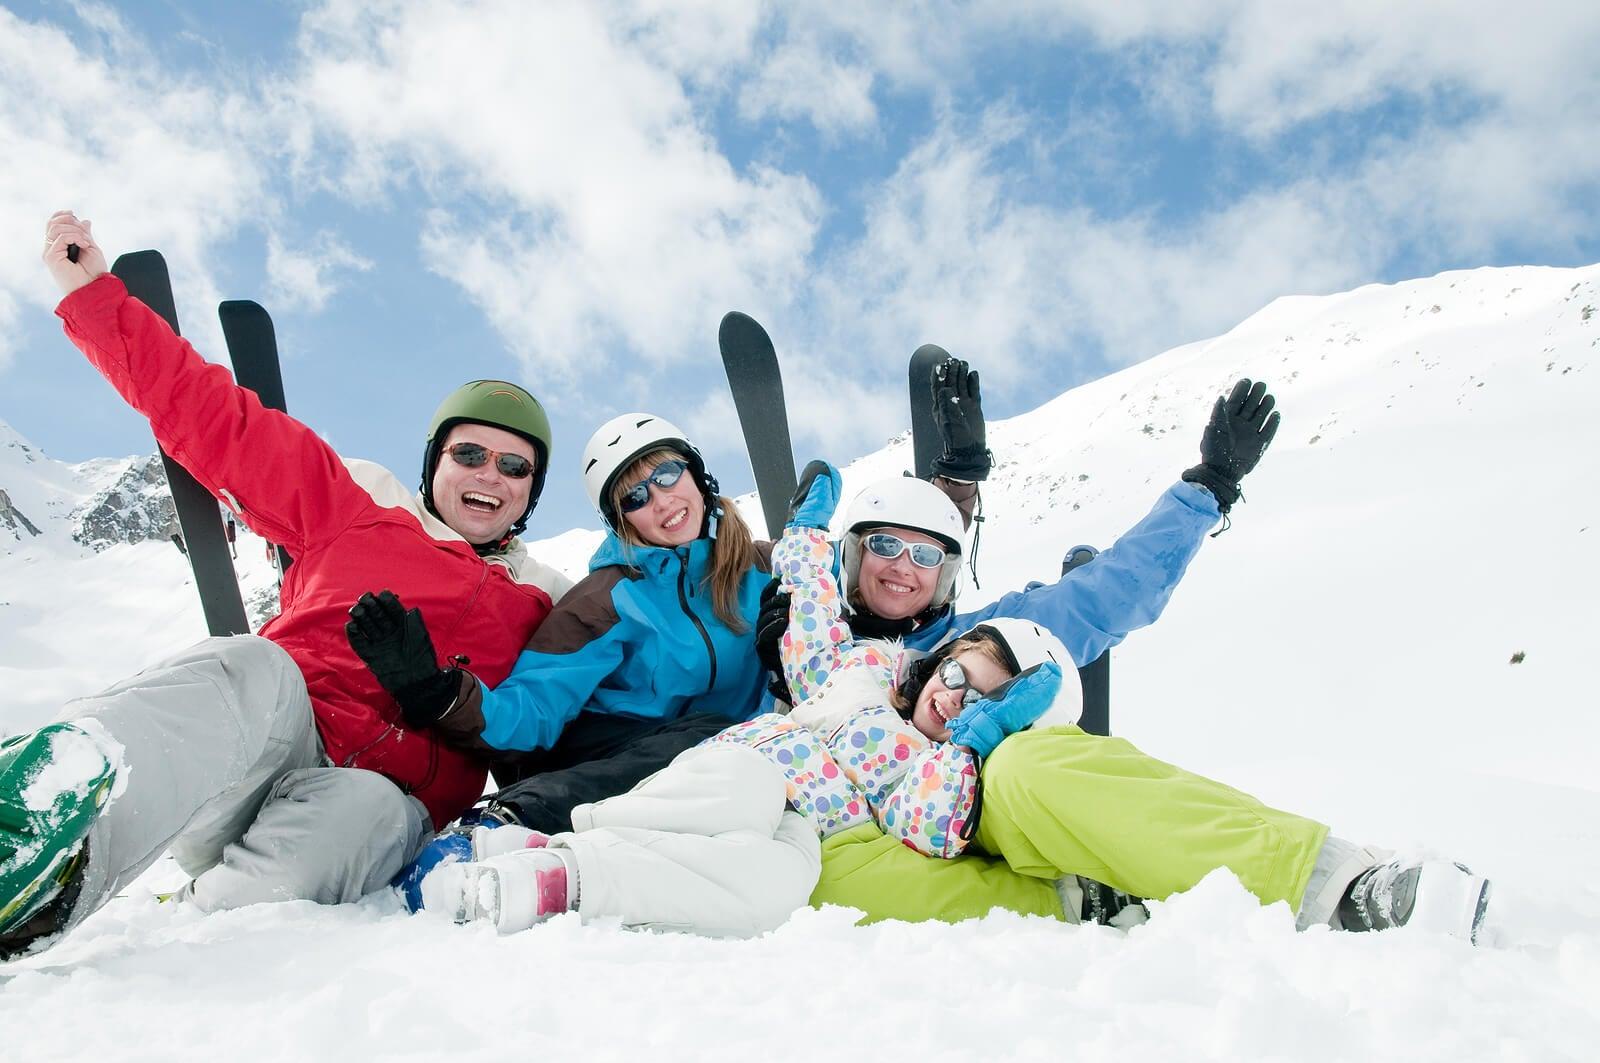 Familia en la nieve.